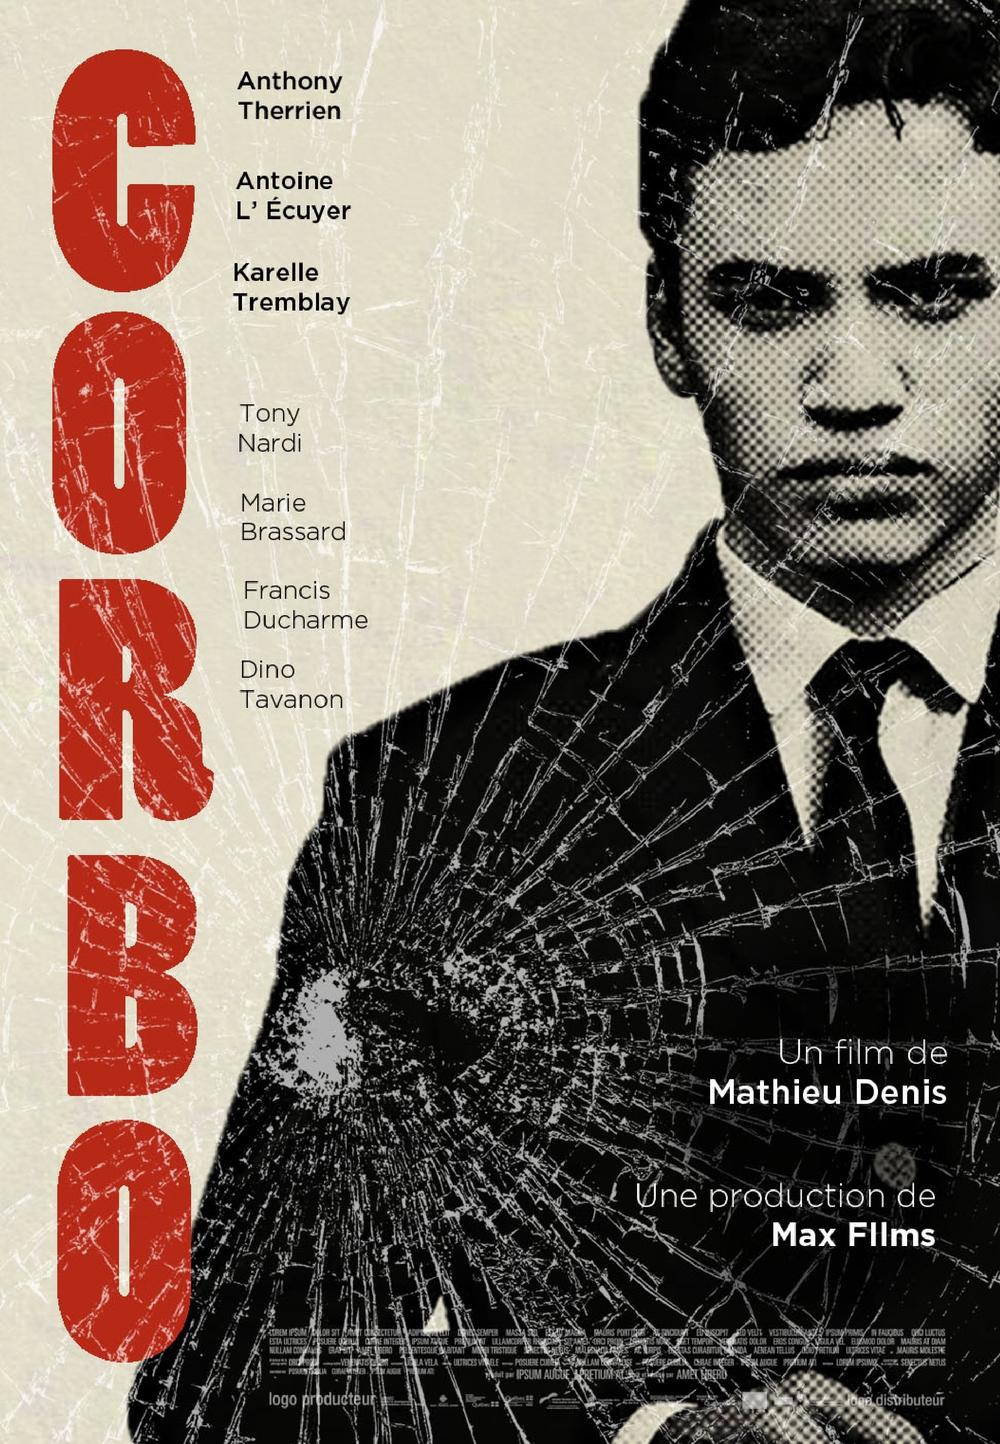 CORBO-Poster-RENZO-27oct_00028.jpg